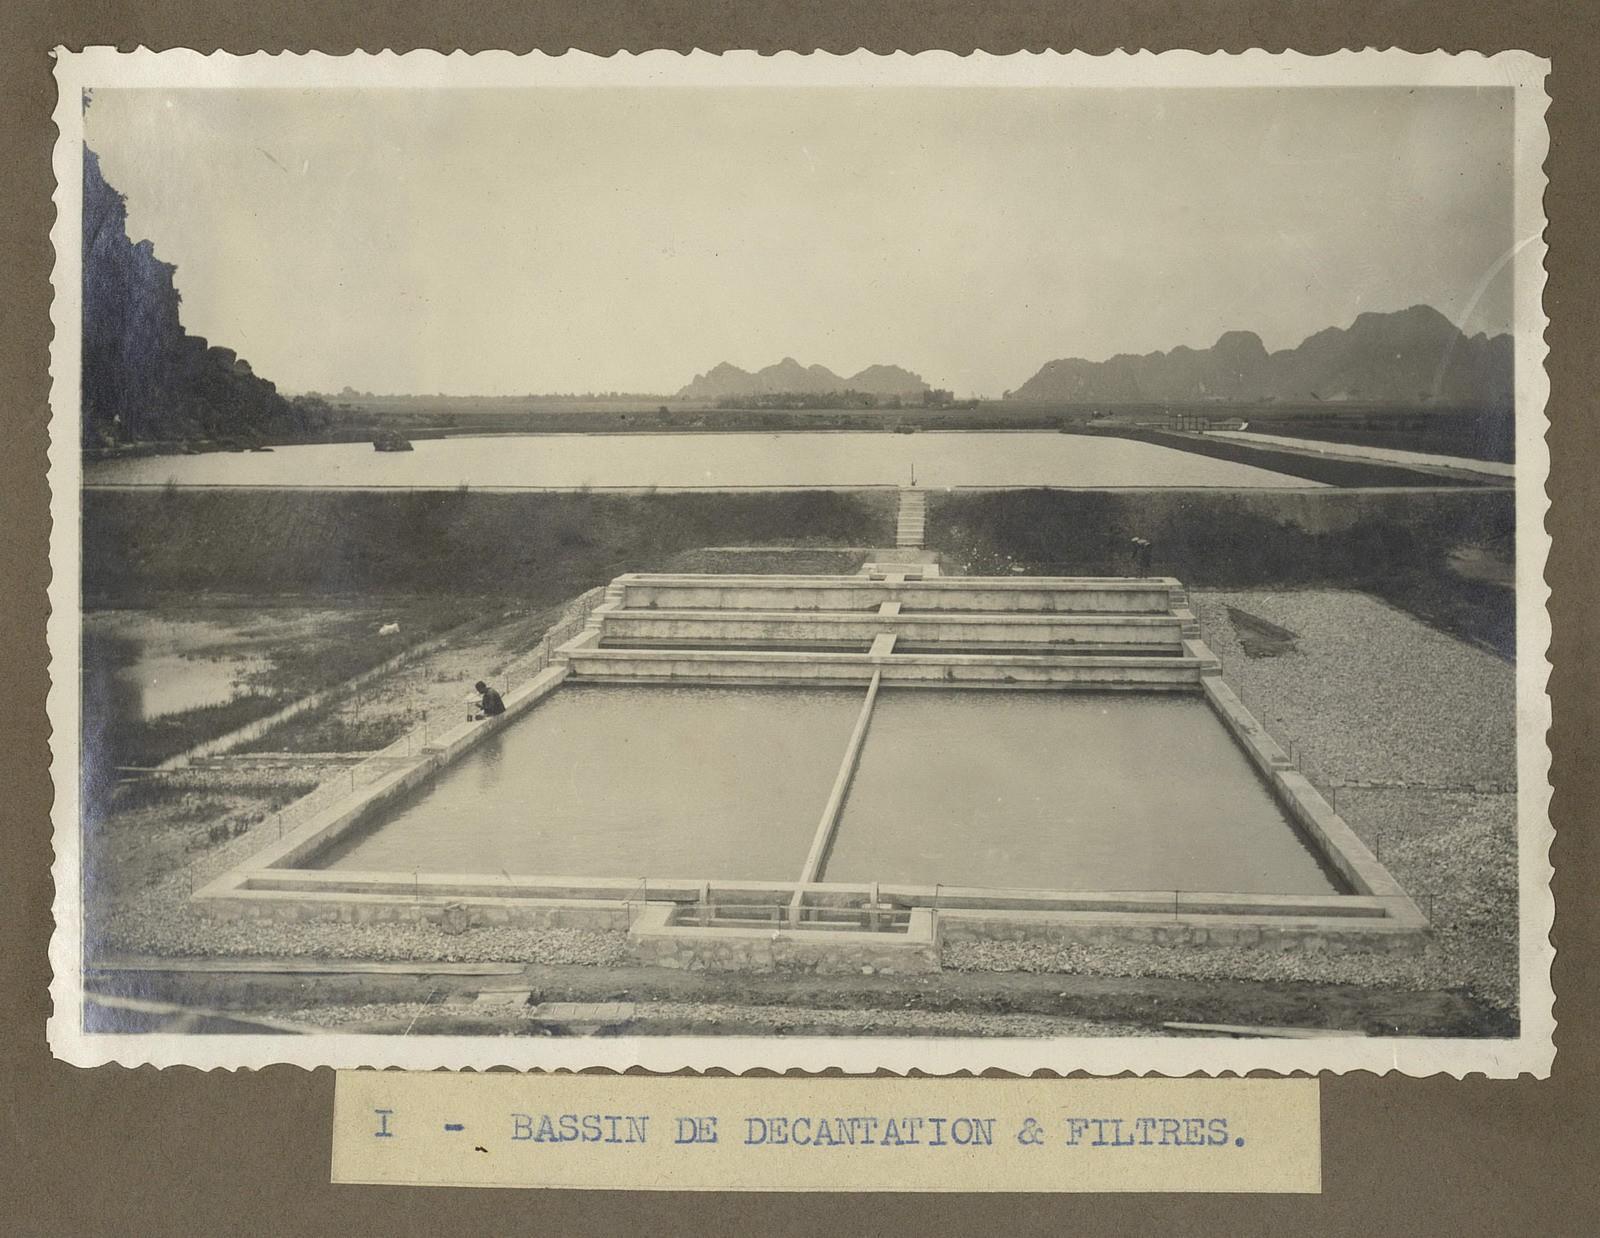 Chùm ảnh: Nhà máy nước ở Thanh Hóa 100 năm trước